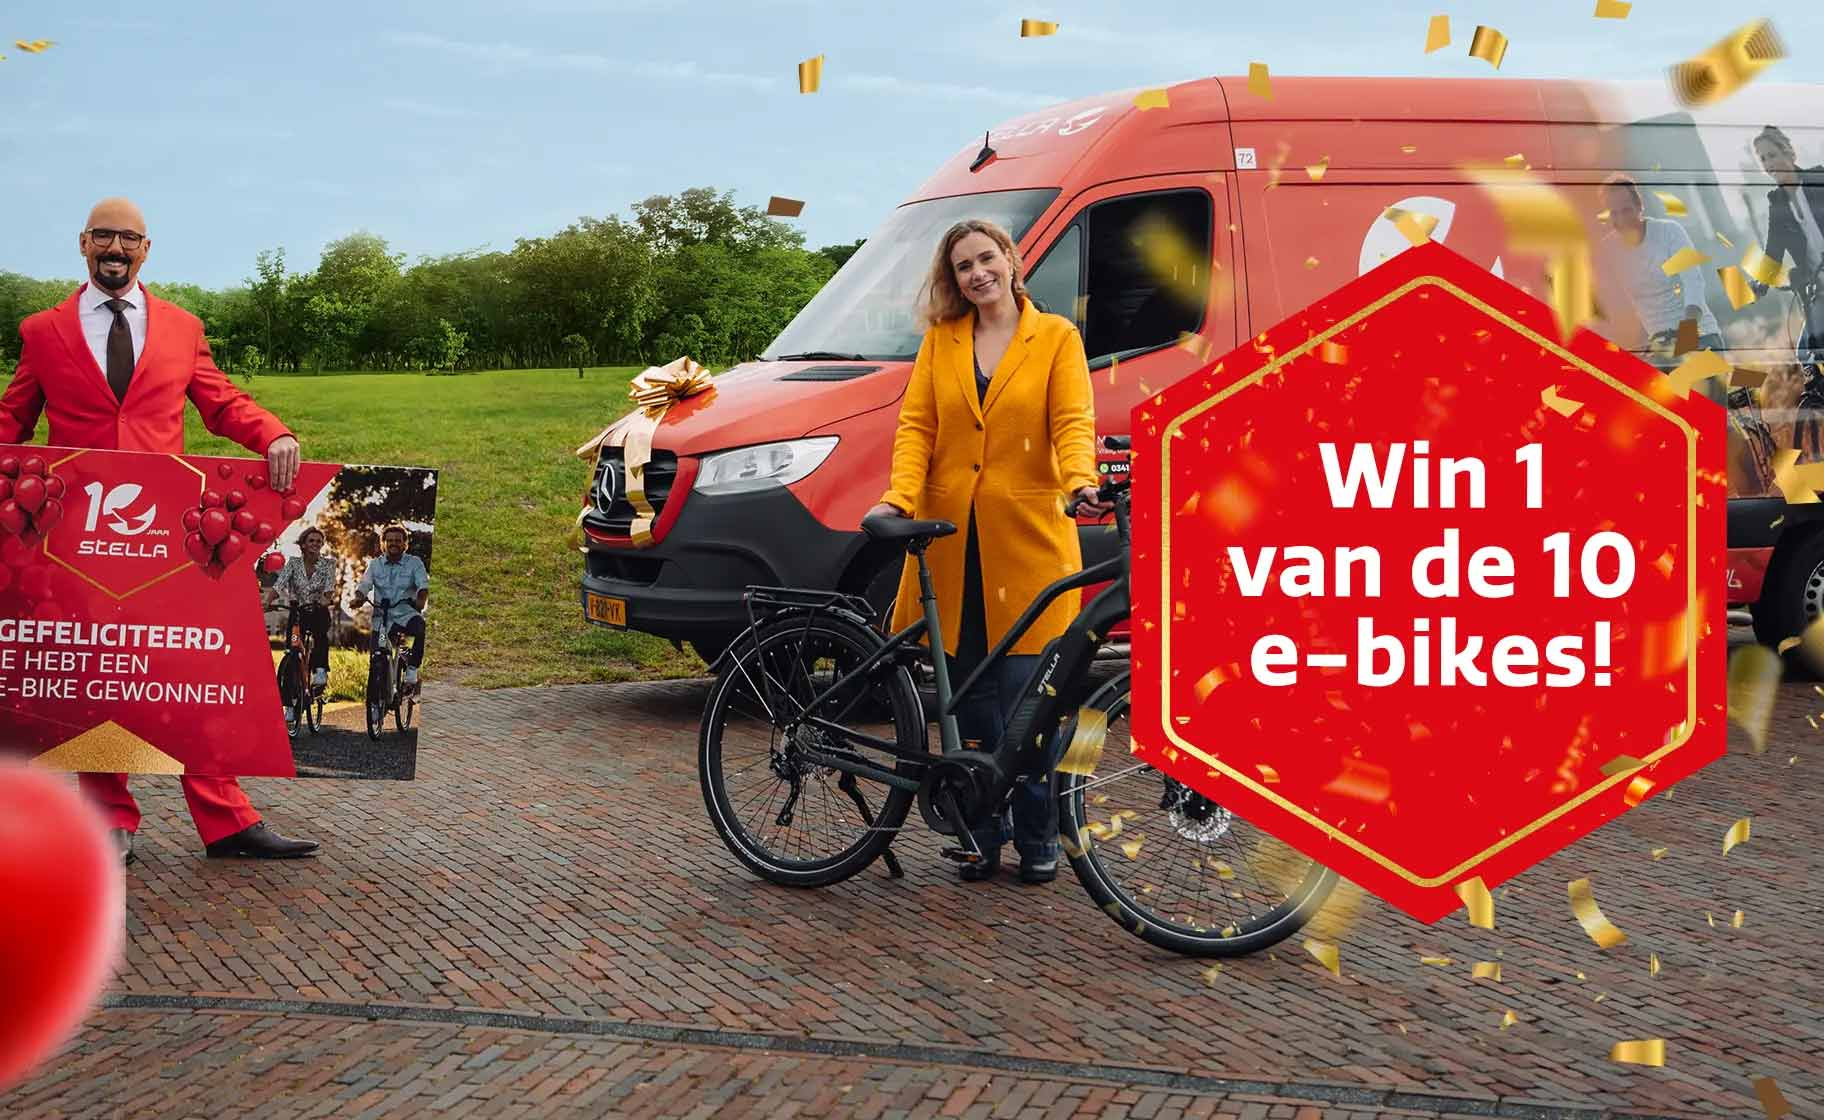 Win in de maand maart een gratis Stella E-bike